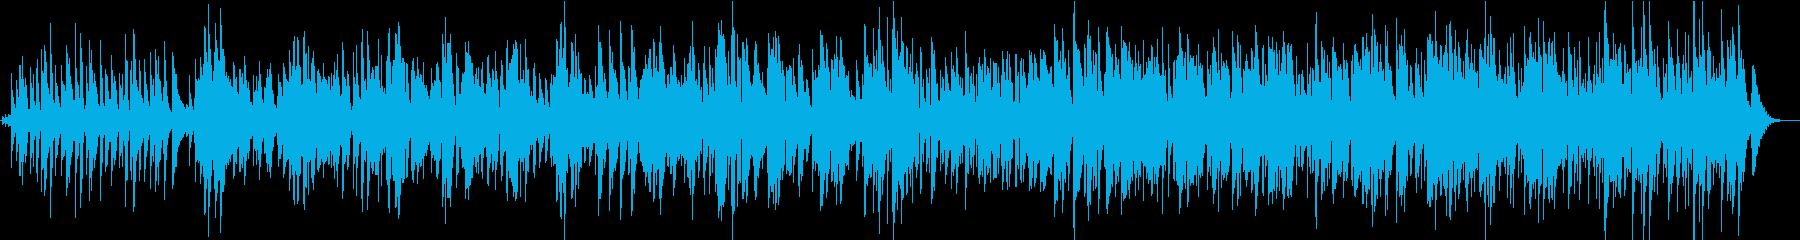 ゆったりしたボサノバのBGMの再生済みの波形